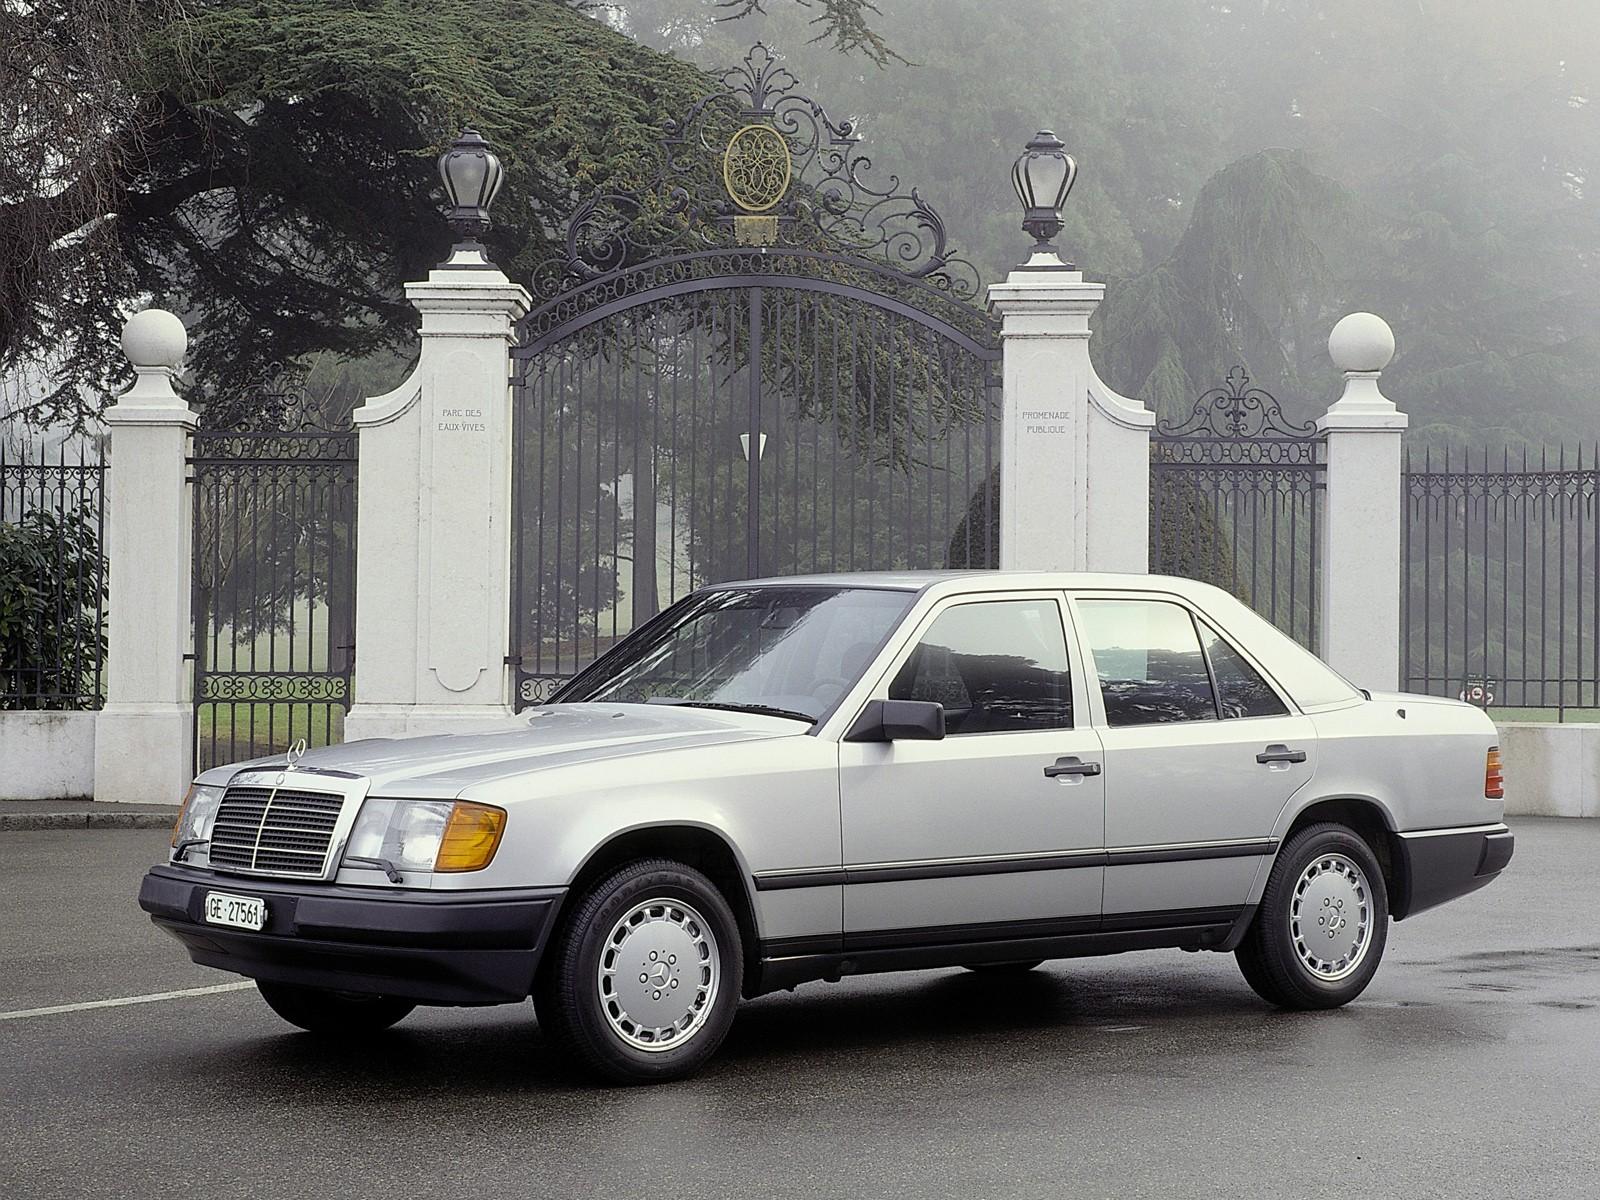 Сборка Porsche, плохая аэродинамика и шесть дверей: мифы и факты о Mercedes Е-Klasse W124